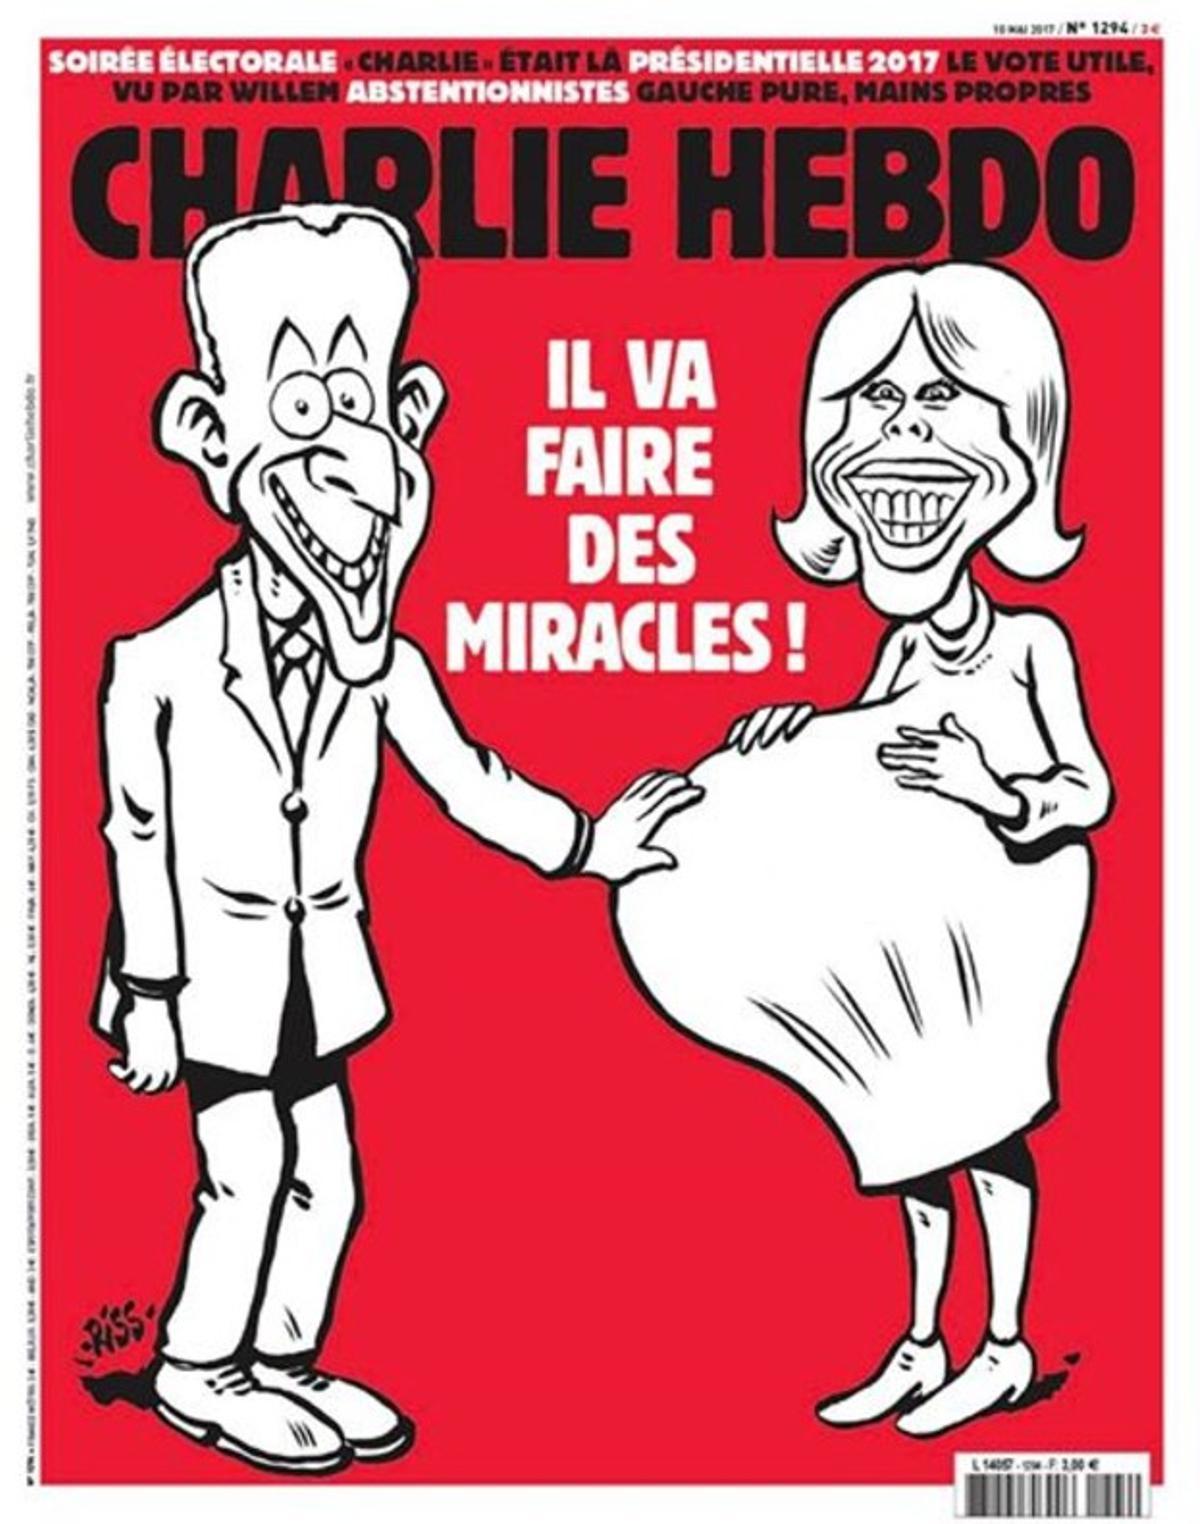 La caricatura de Charlie Hebdo que muestra un dibujo de Brigitte embarazada.